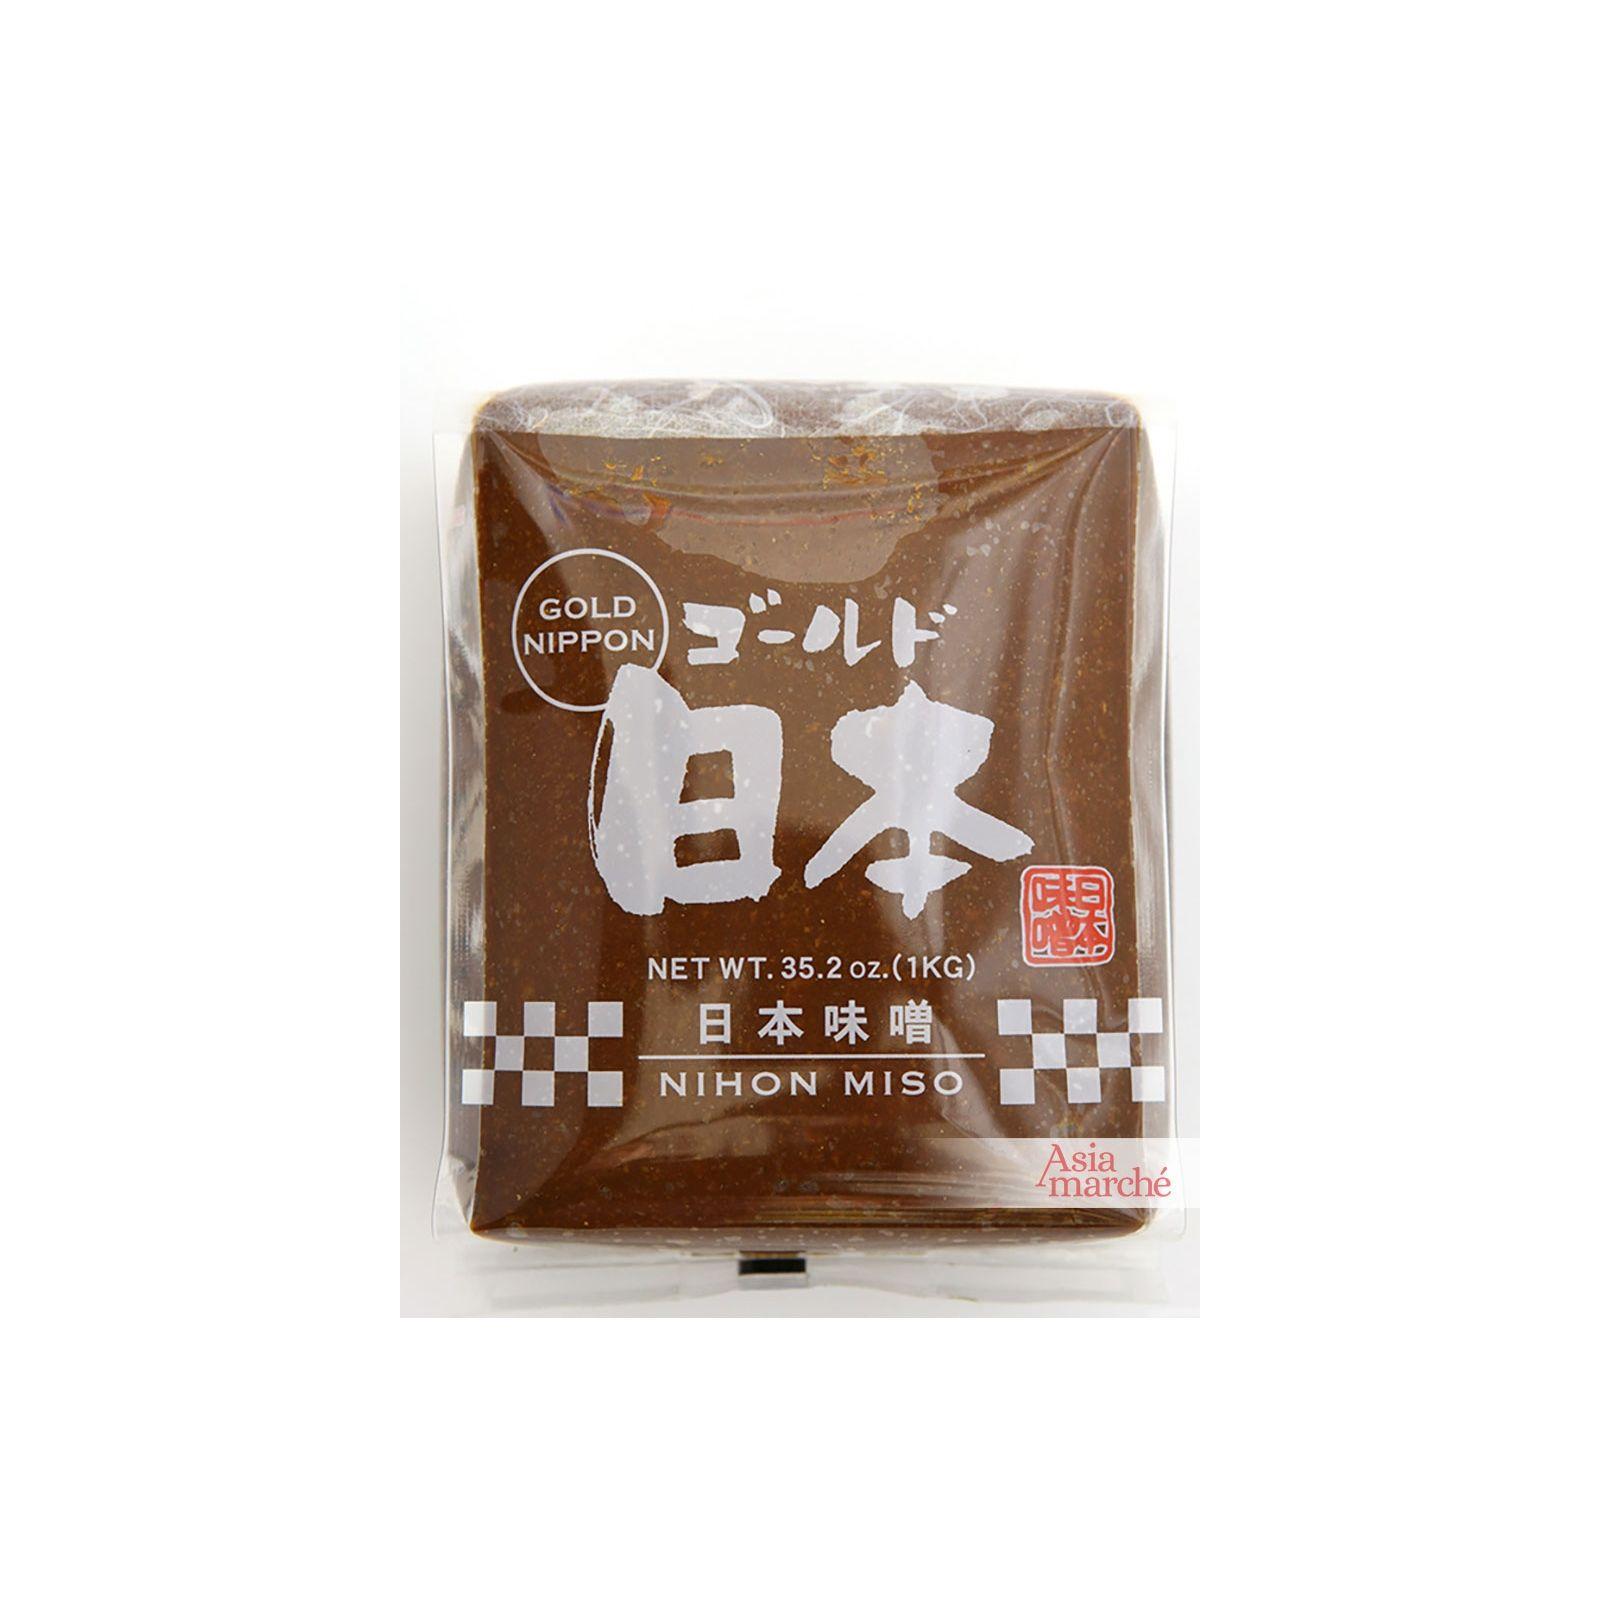 Asia Marché Miso rouge 1kg Nihon